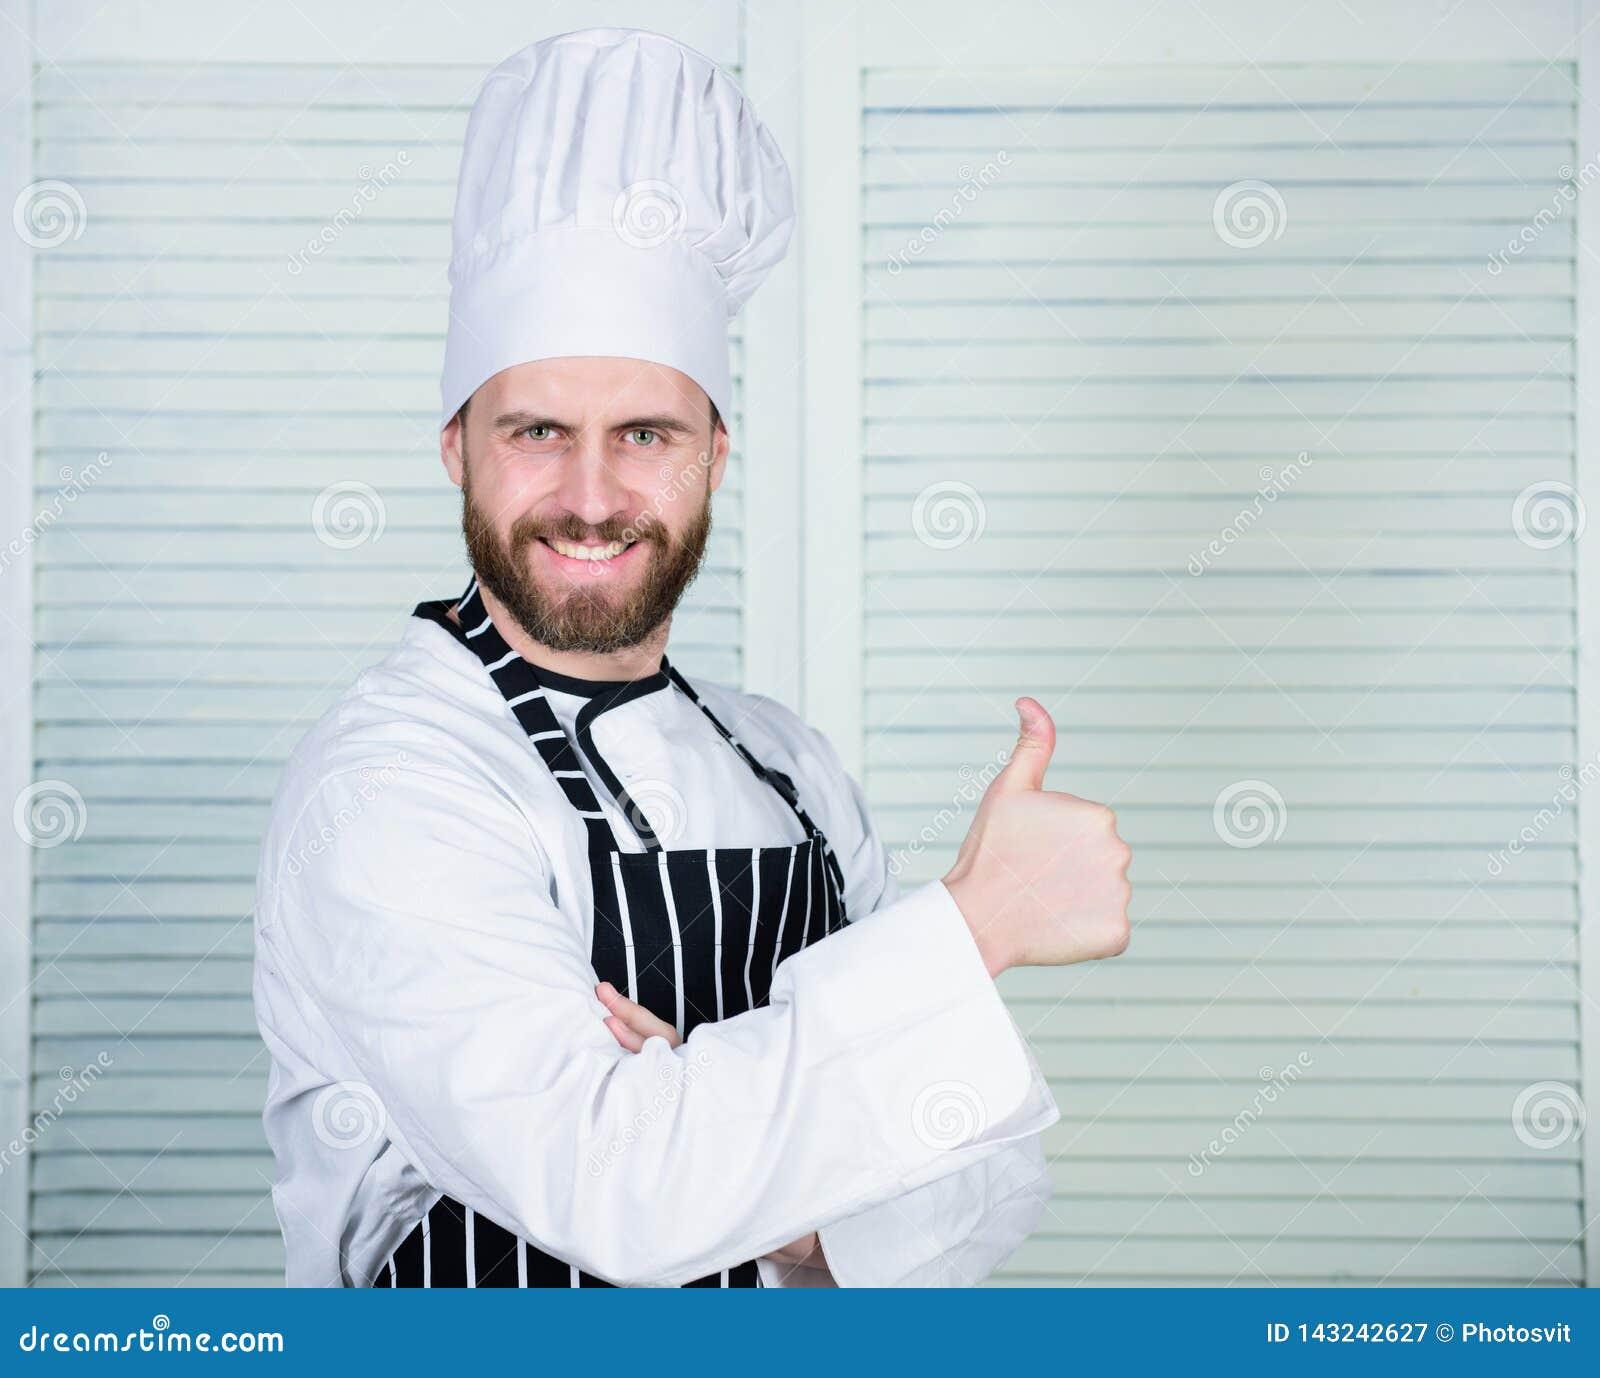 Matlagning är min passion Yrkesmässigt i kök kulinarisk kokkonst Kock i restaurang kock som är klar för att laga mat säkert